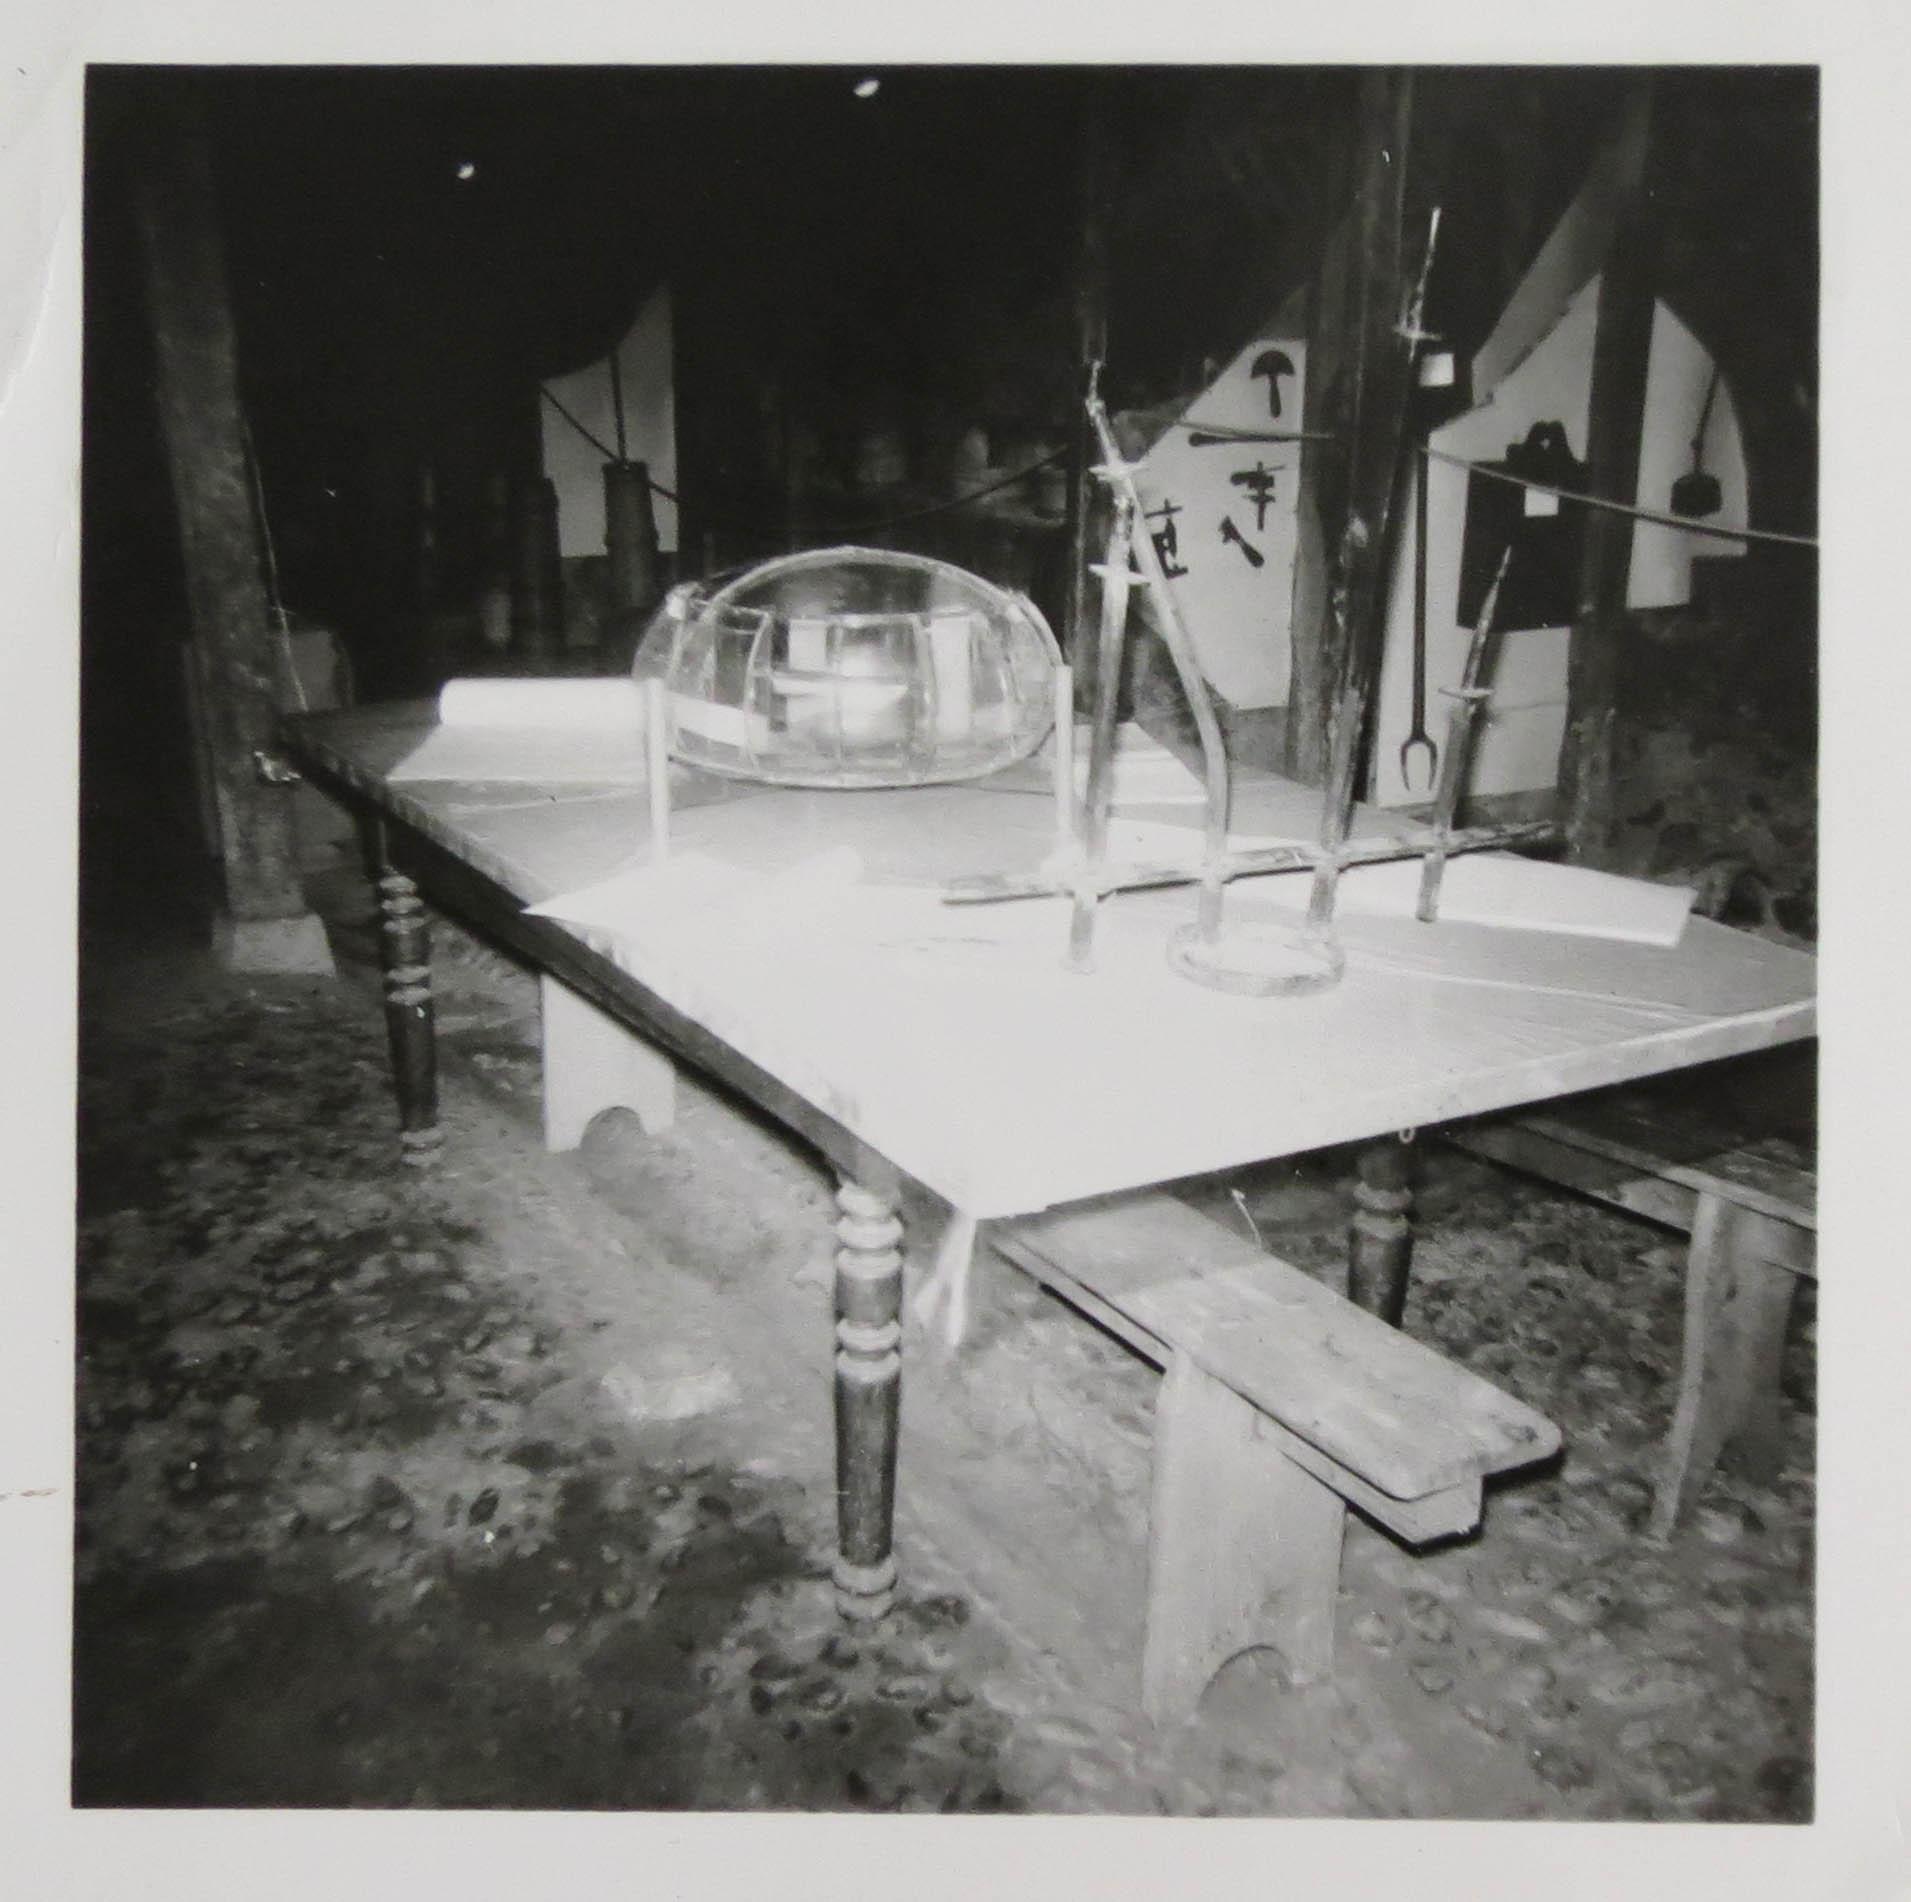 Oeuf de Novery Granges de Servette 1965